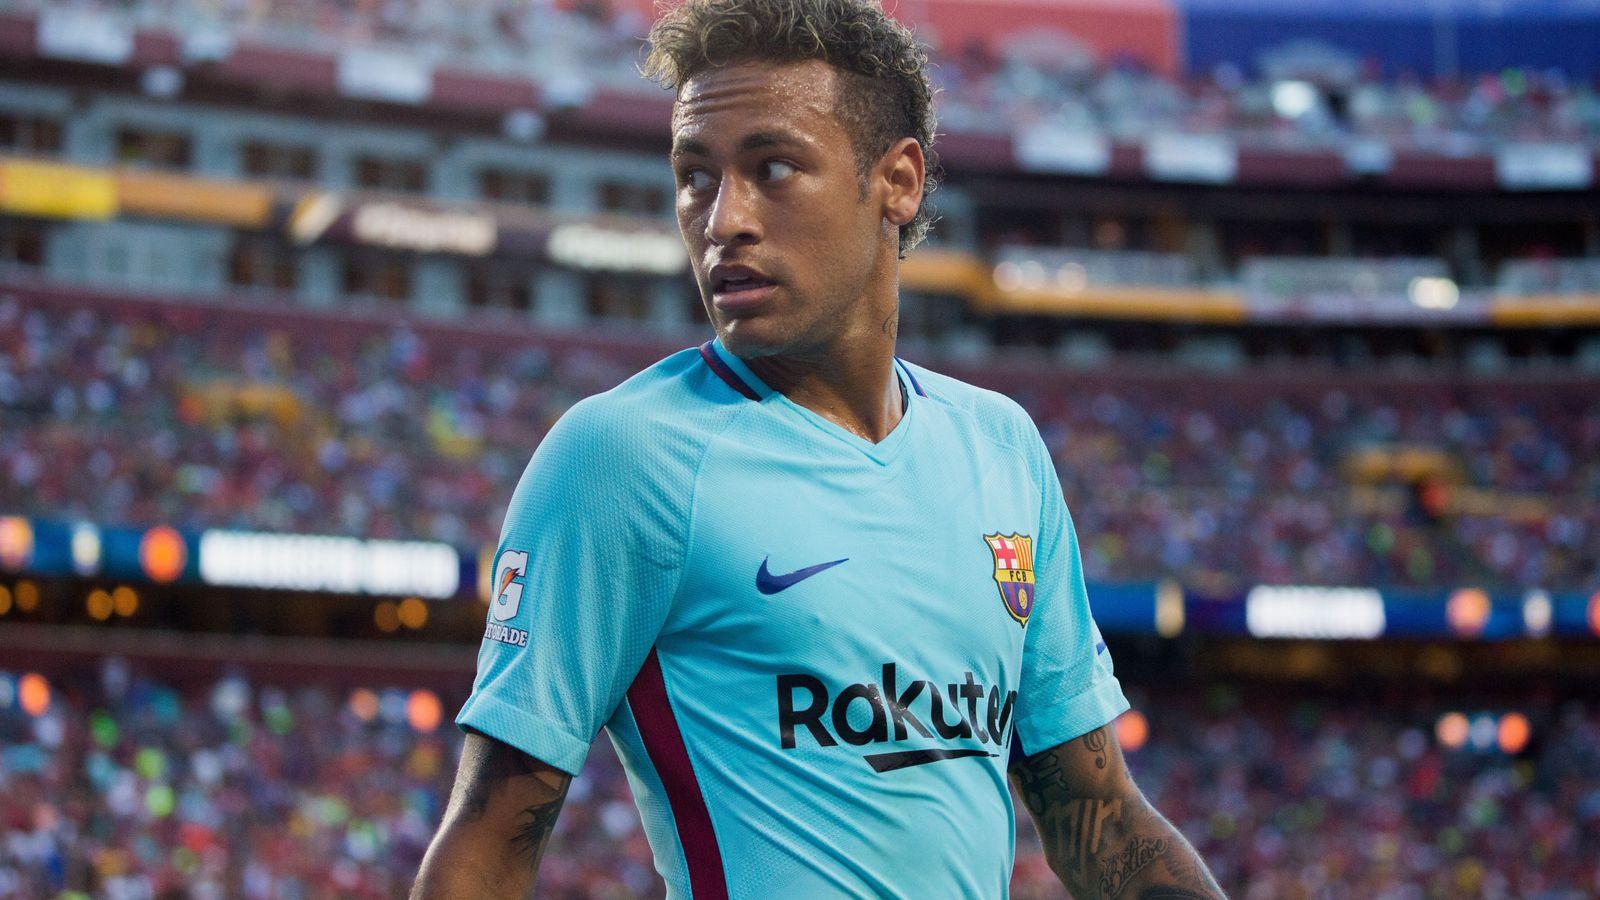 Mercado de fichajes  El Barcelona acepta los 222 millones por Neymar que La  Liga había rechazado 12793c4b8d9dc